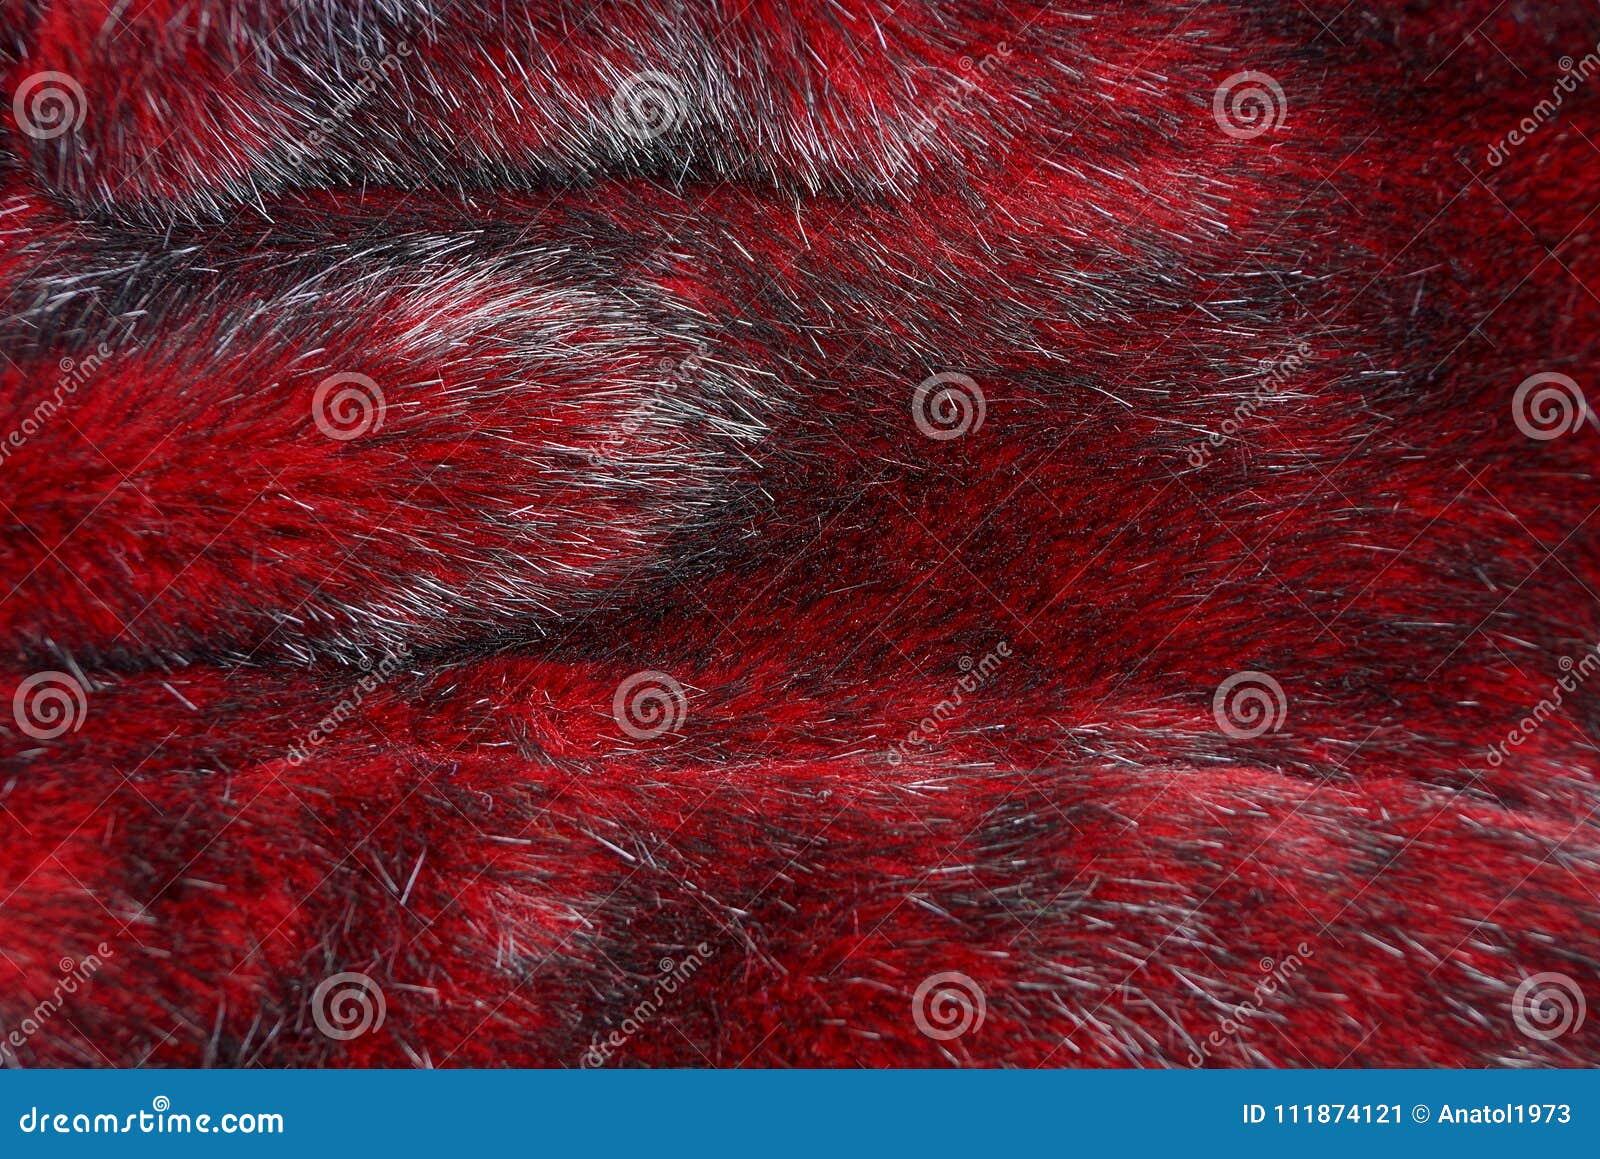 Textura de la piel roja en un pedazo de ropa